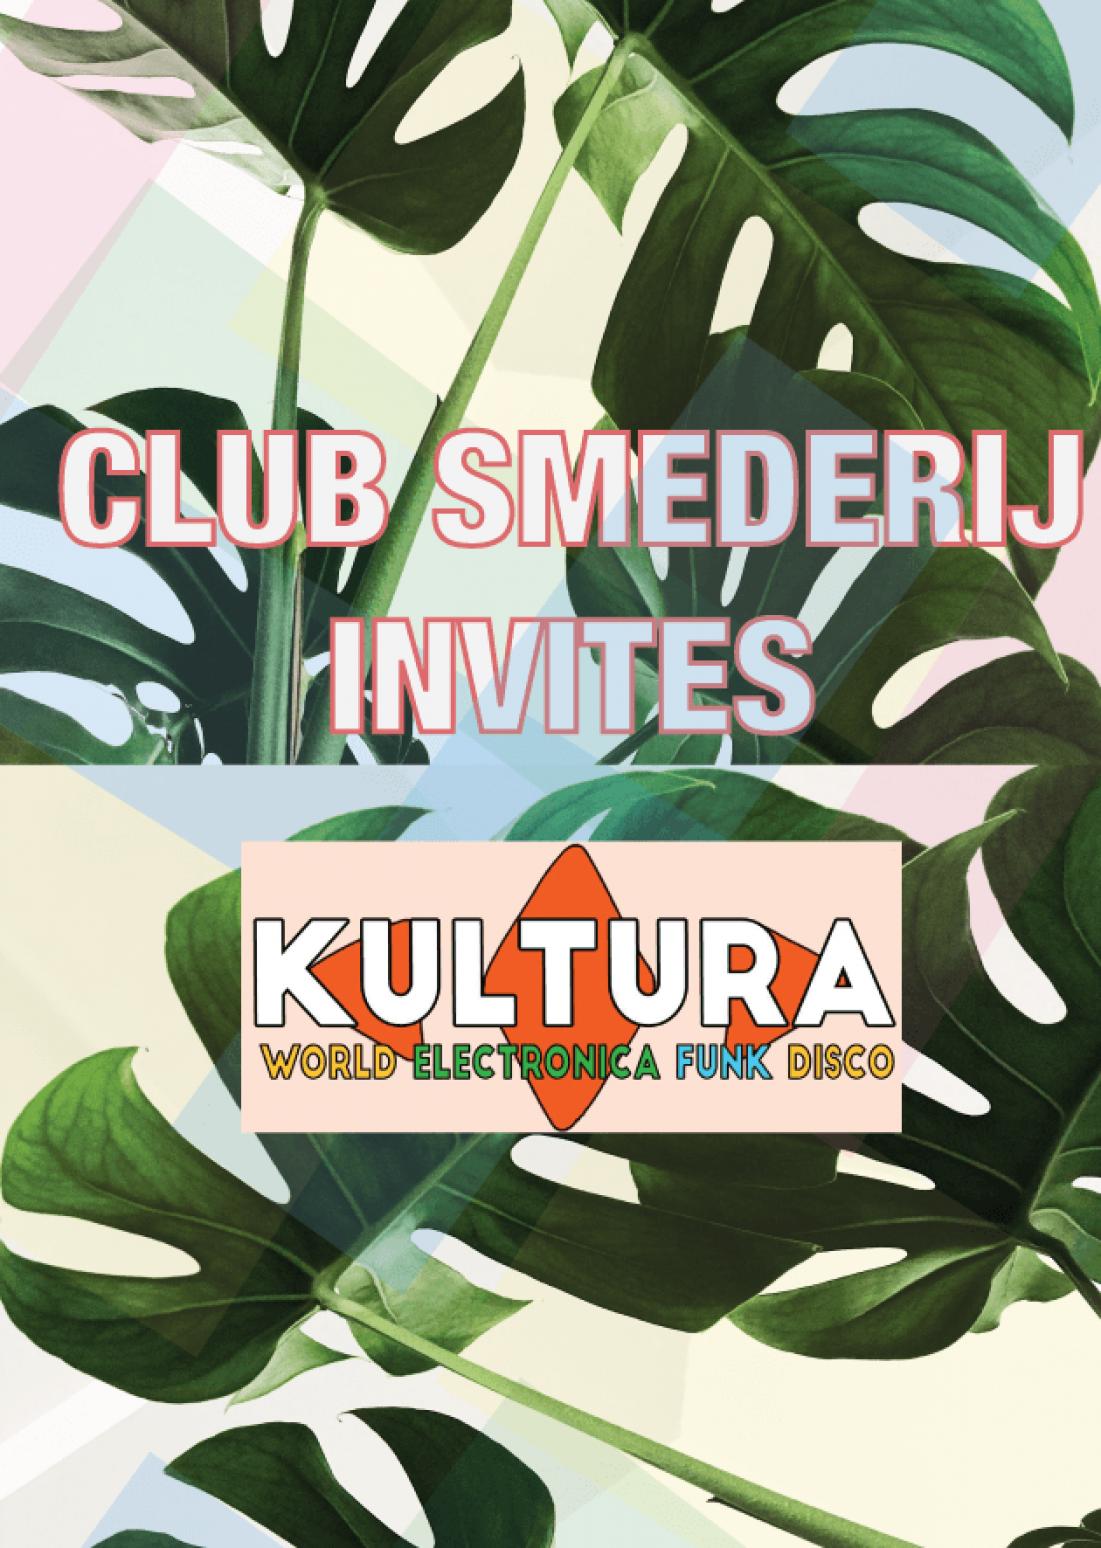 Club Smederij Invites Kultura